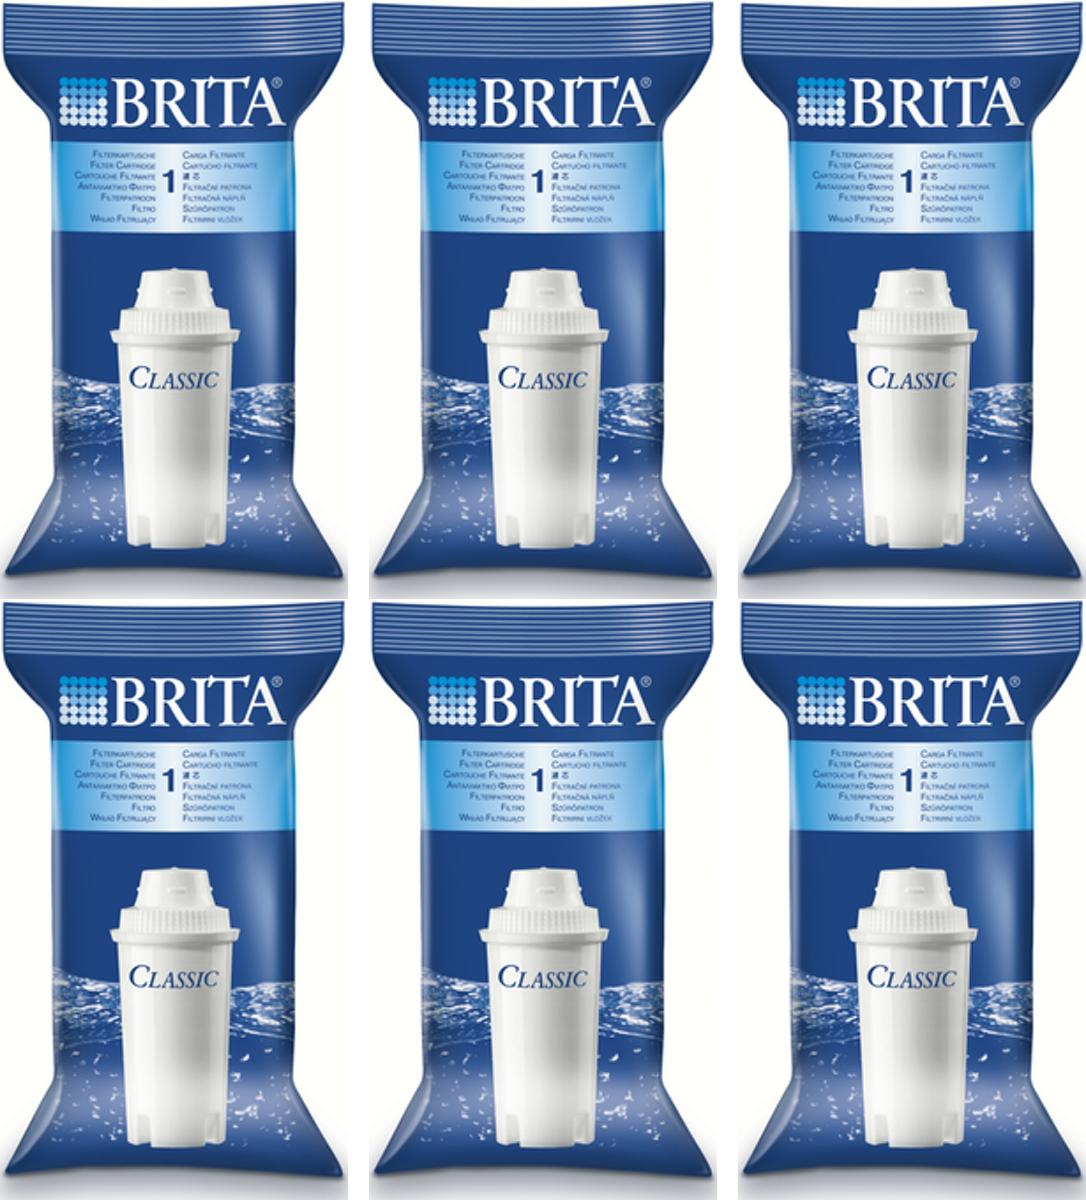 brita classic water filter jug instructions